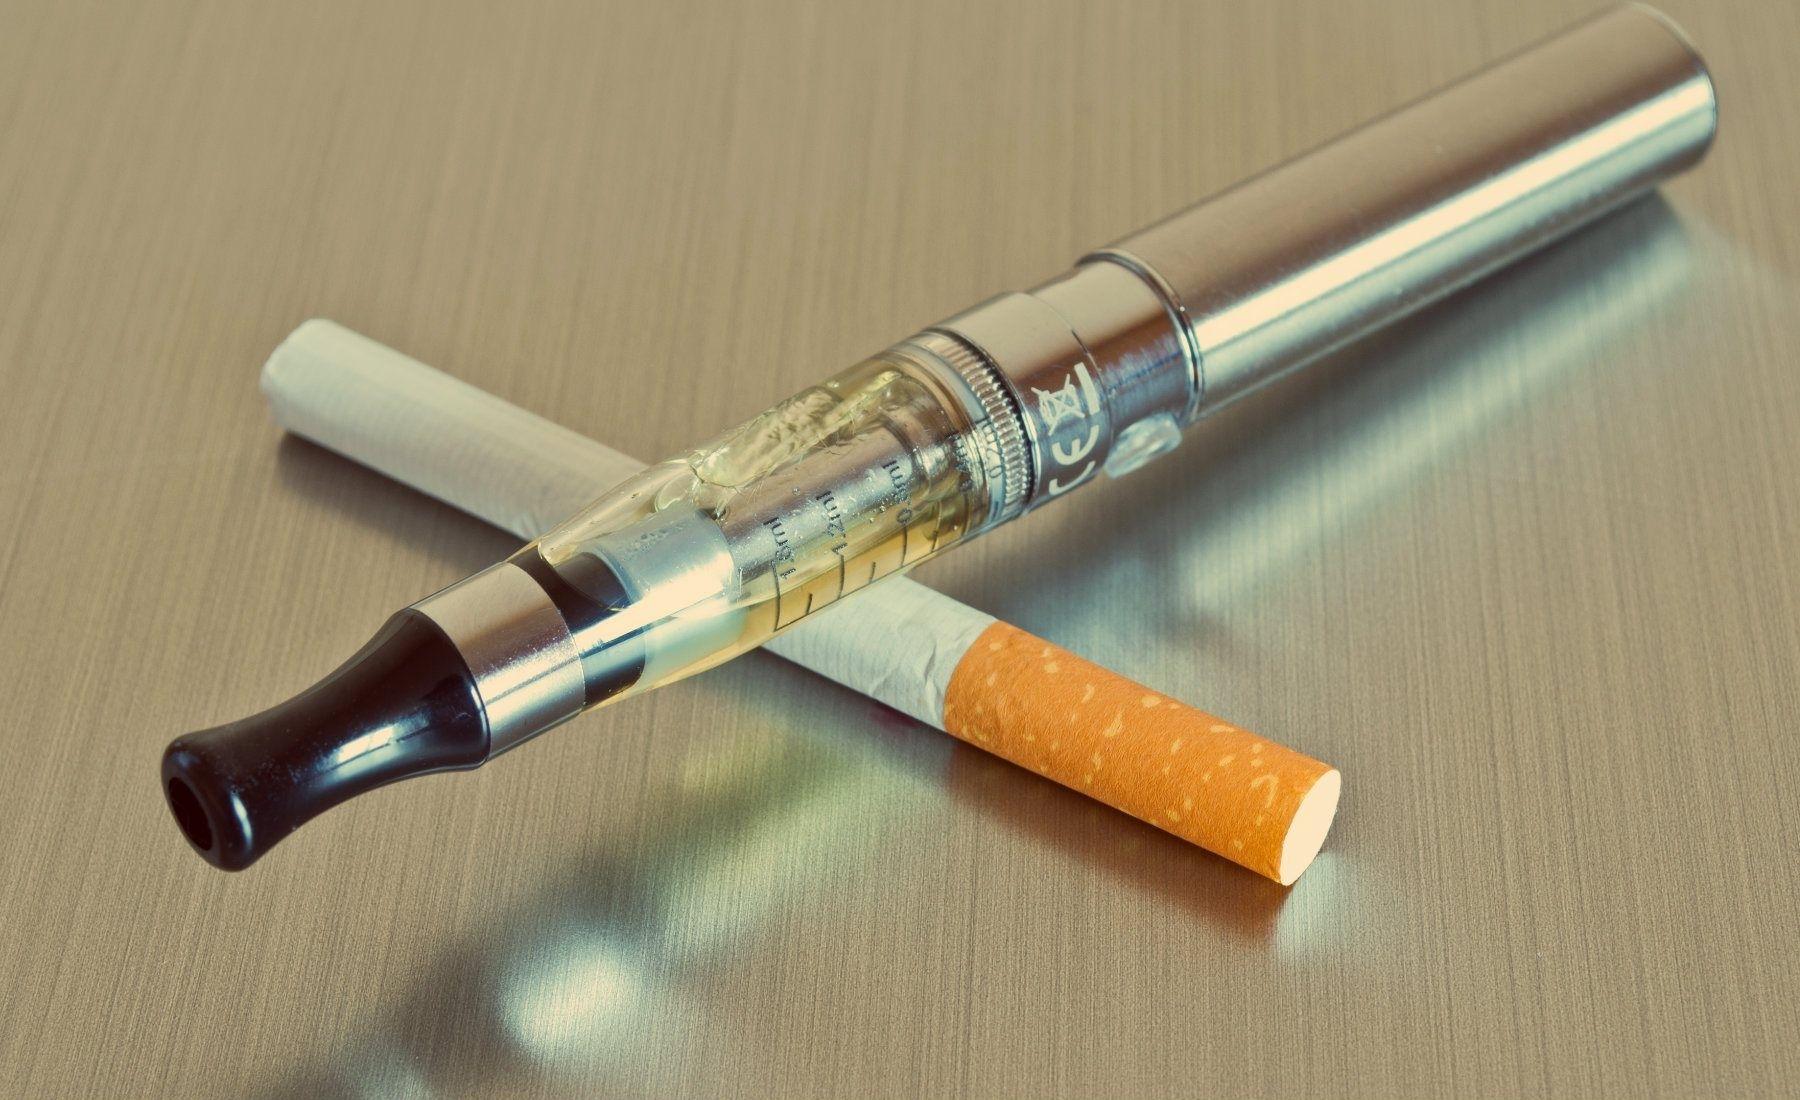 Как сделать больше дыма в электронной сигарете